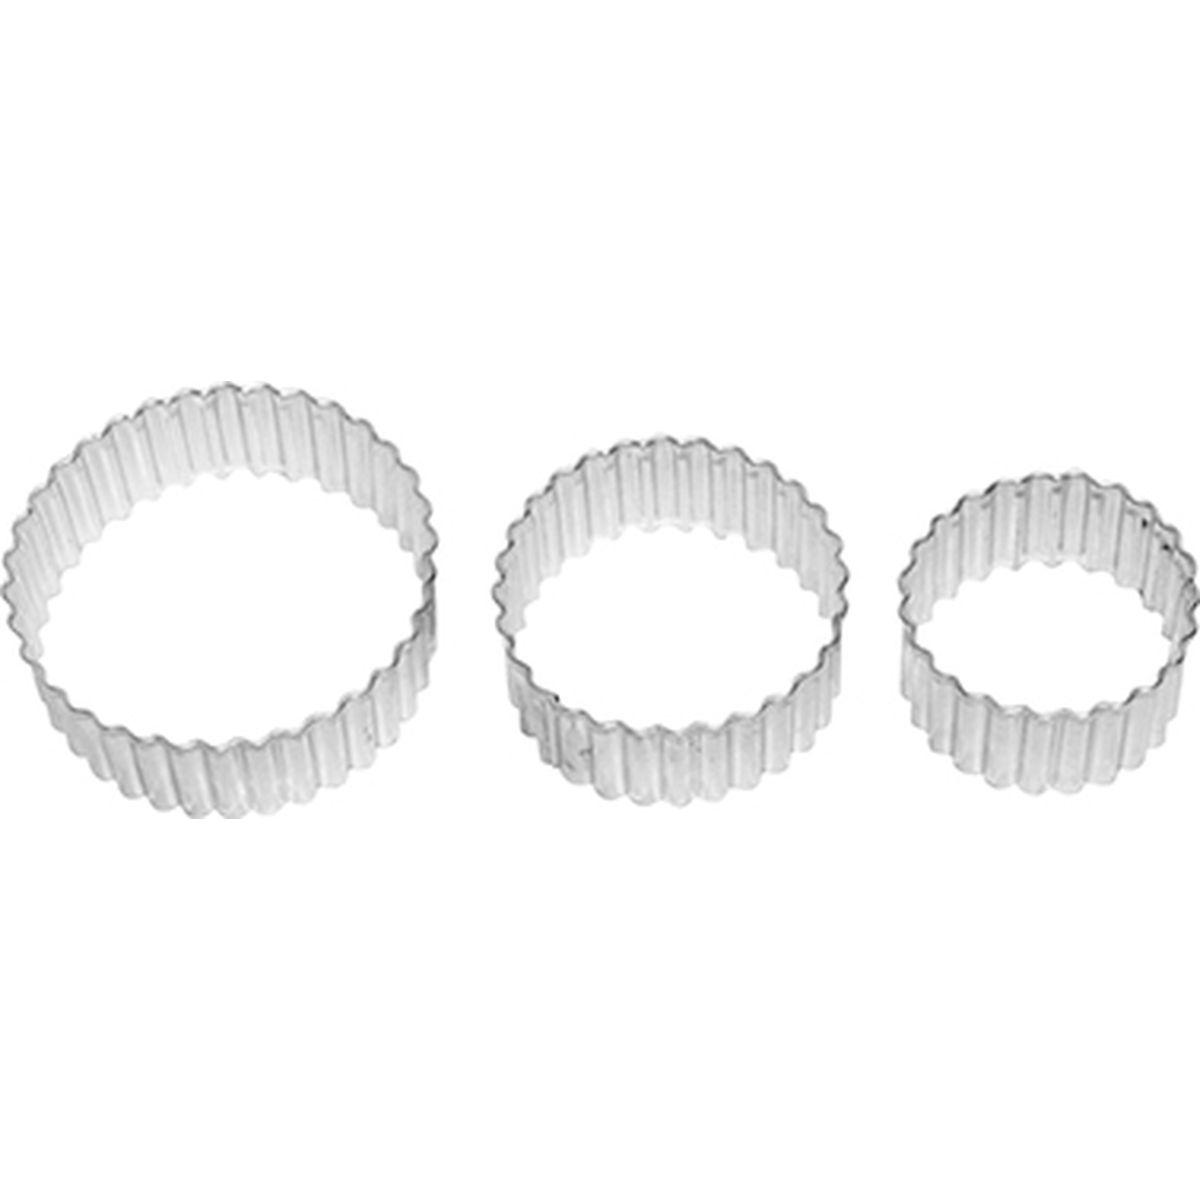 Set de 3 emporte-pièces rosace en inox 5, 6 et 7 cm - Alice Délice